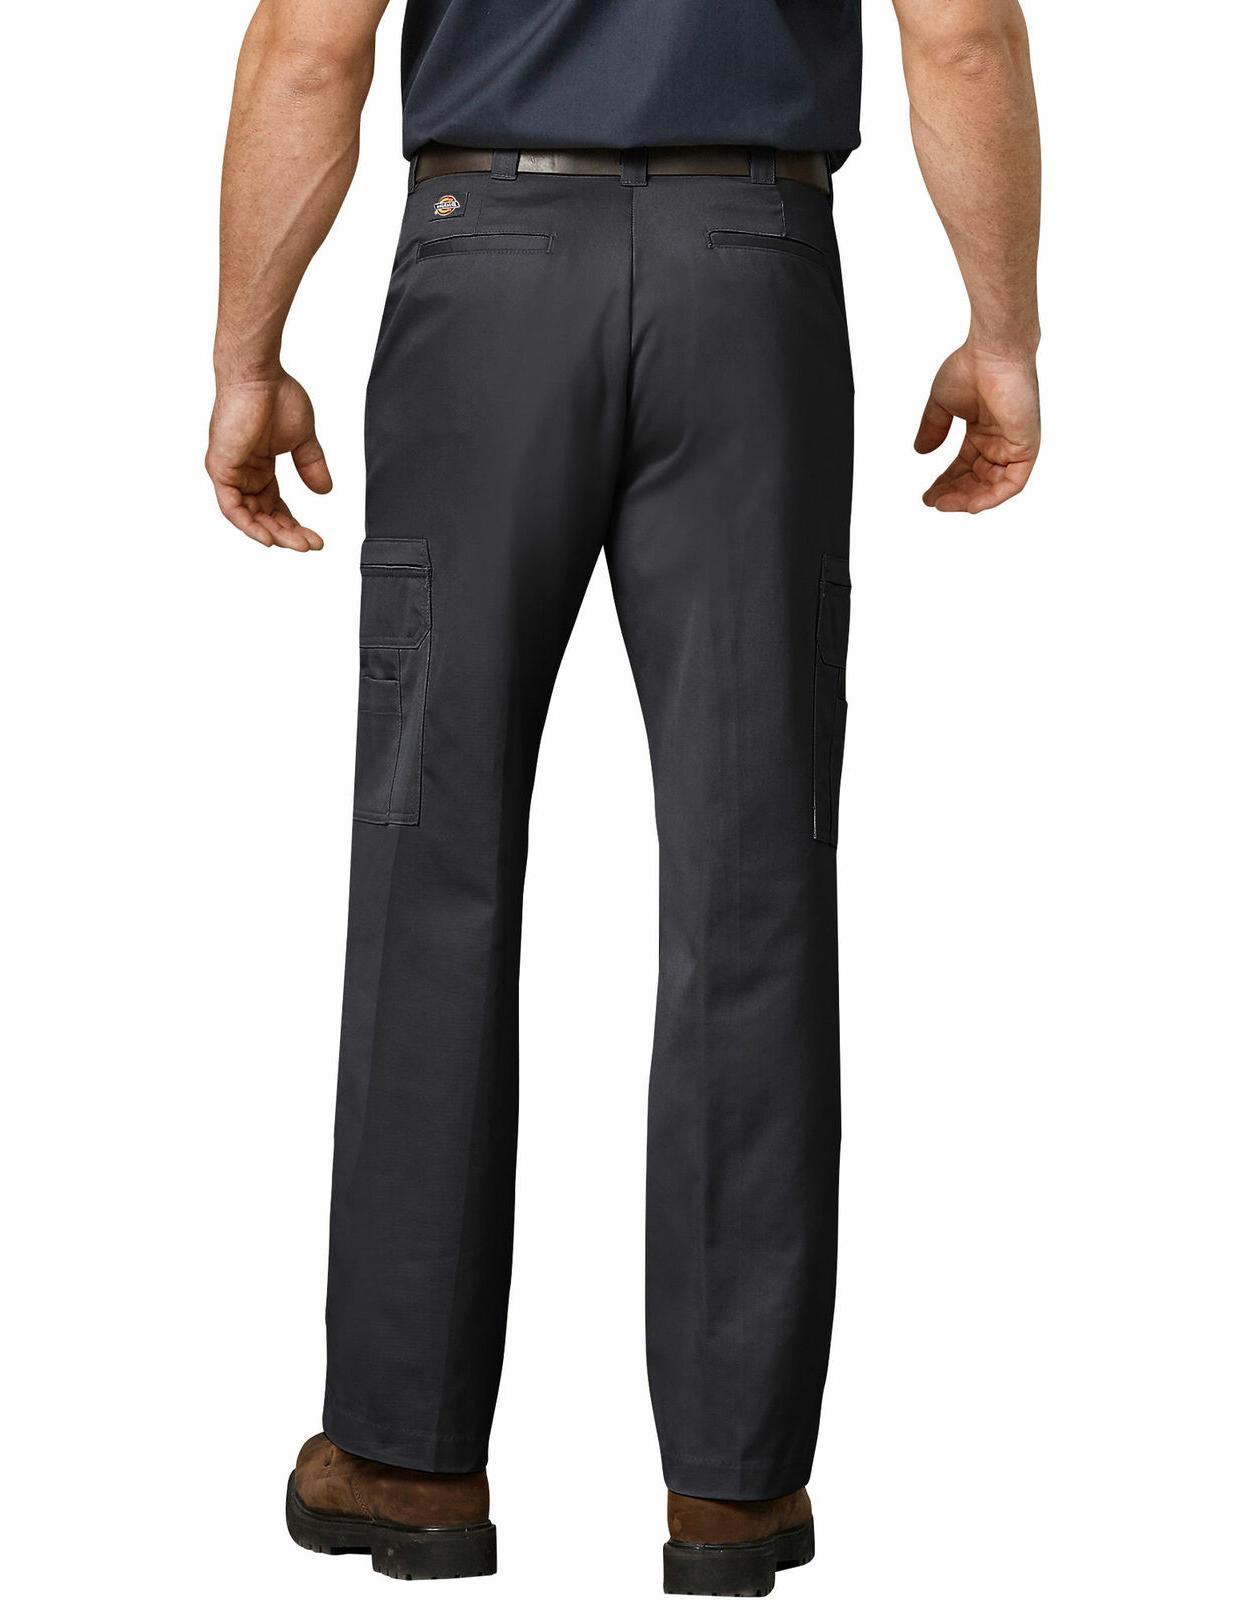 DICKIES - Industrial Work Uniform Relaxed Black